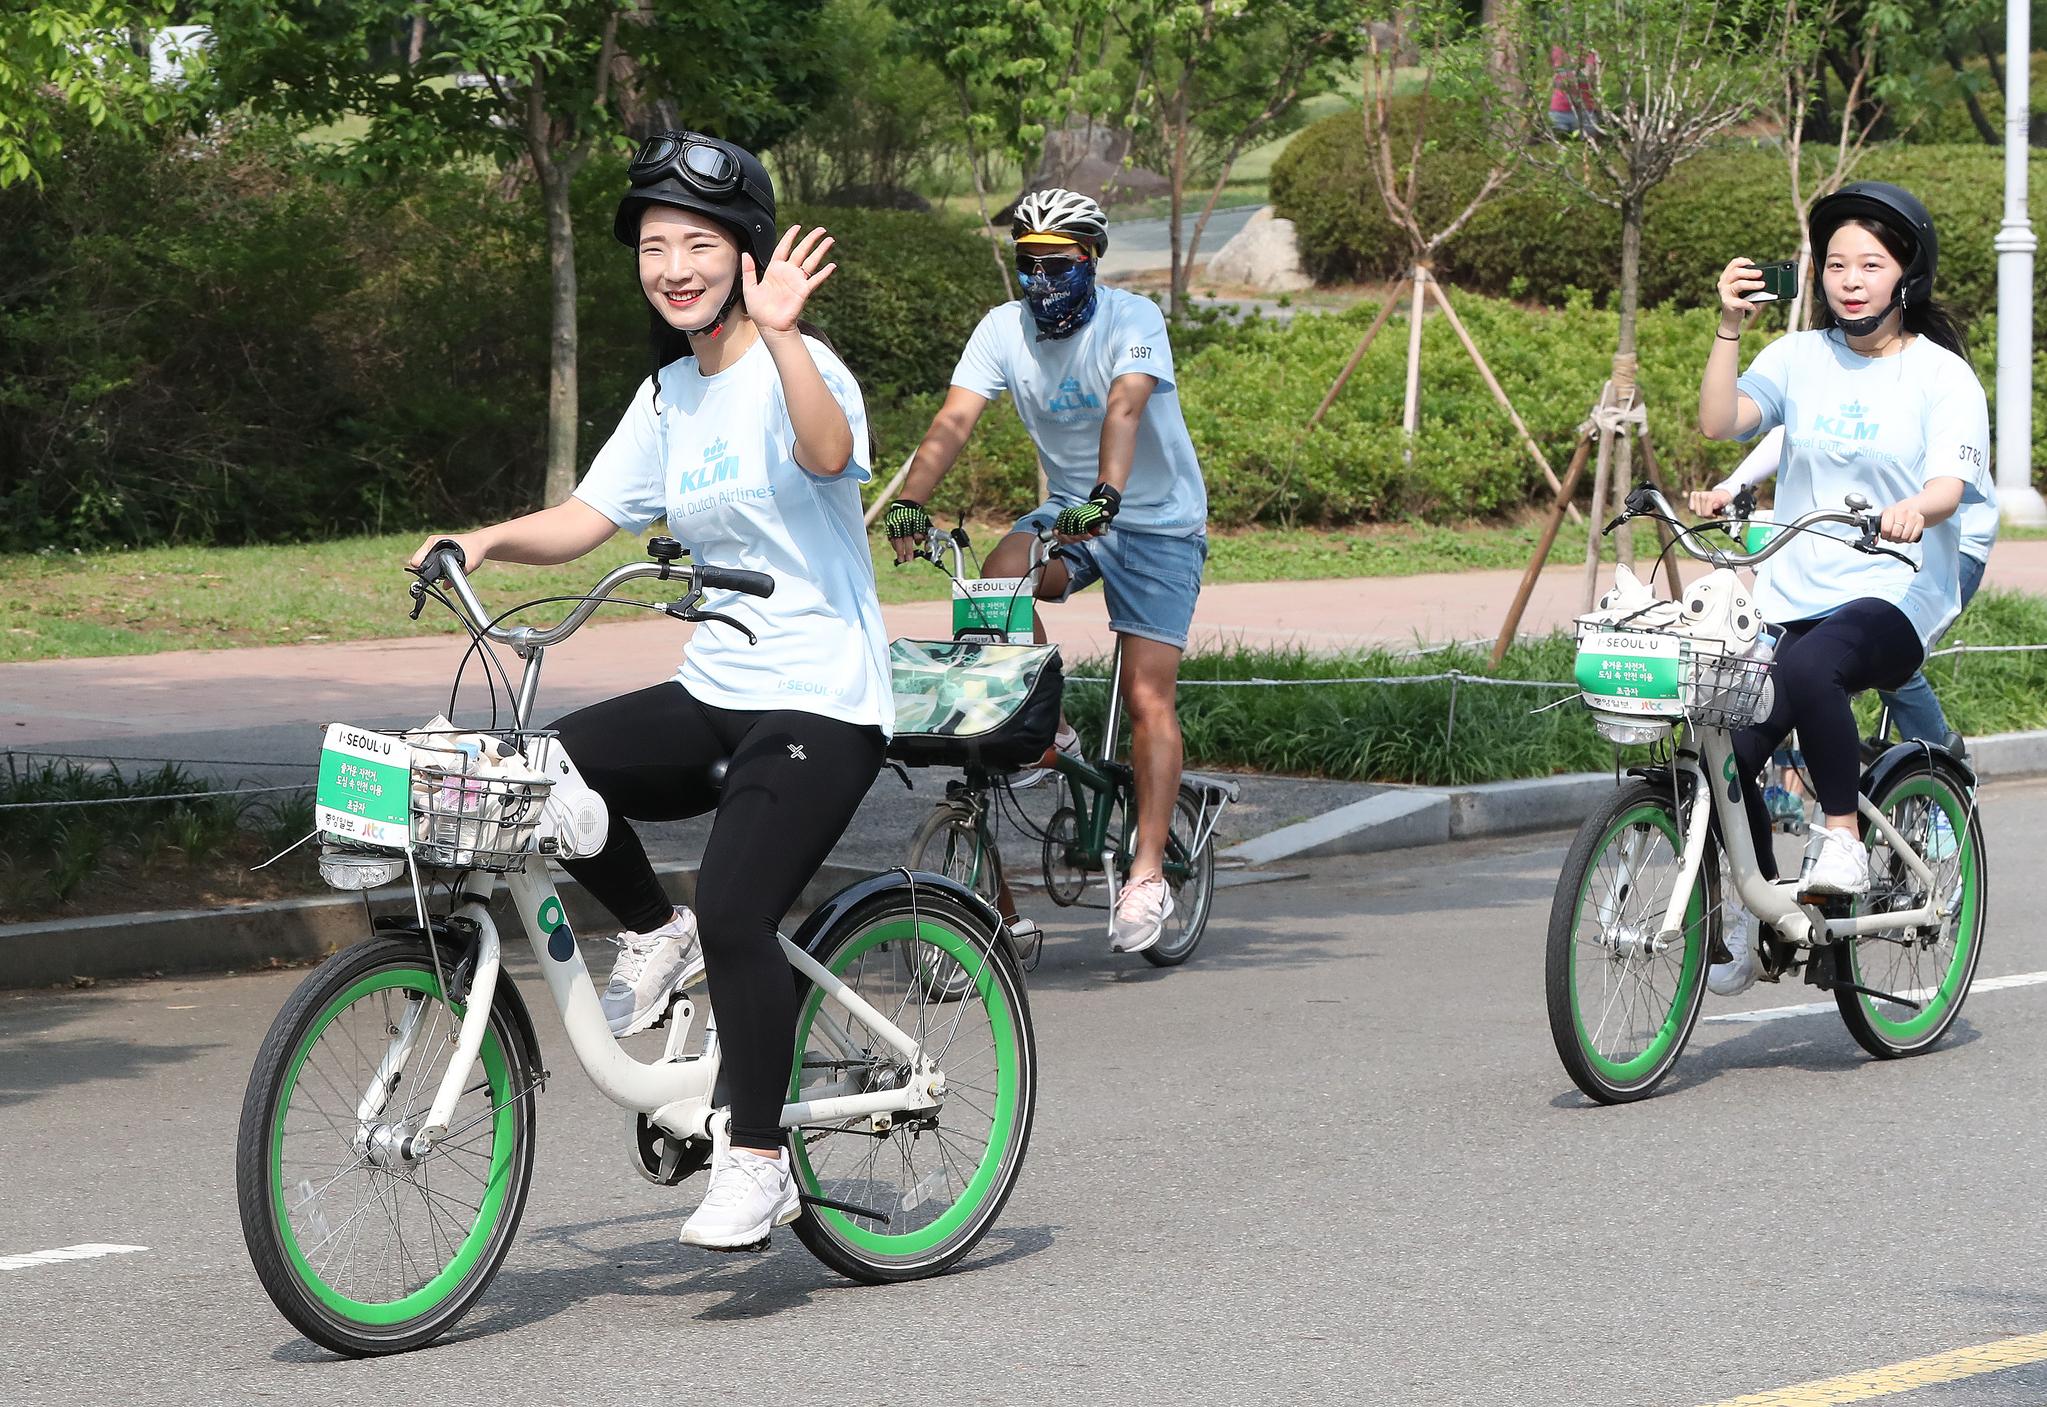 한 여성 참가자가 손을 흔들고 있다. 이날 행사에는 자전거를 타며 서로의 모습을 촬영하는 시민들도 많이 눈에 띄었다. 우상조 기자